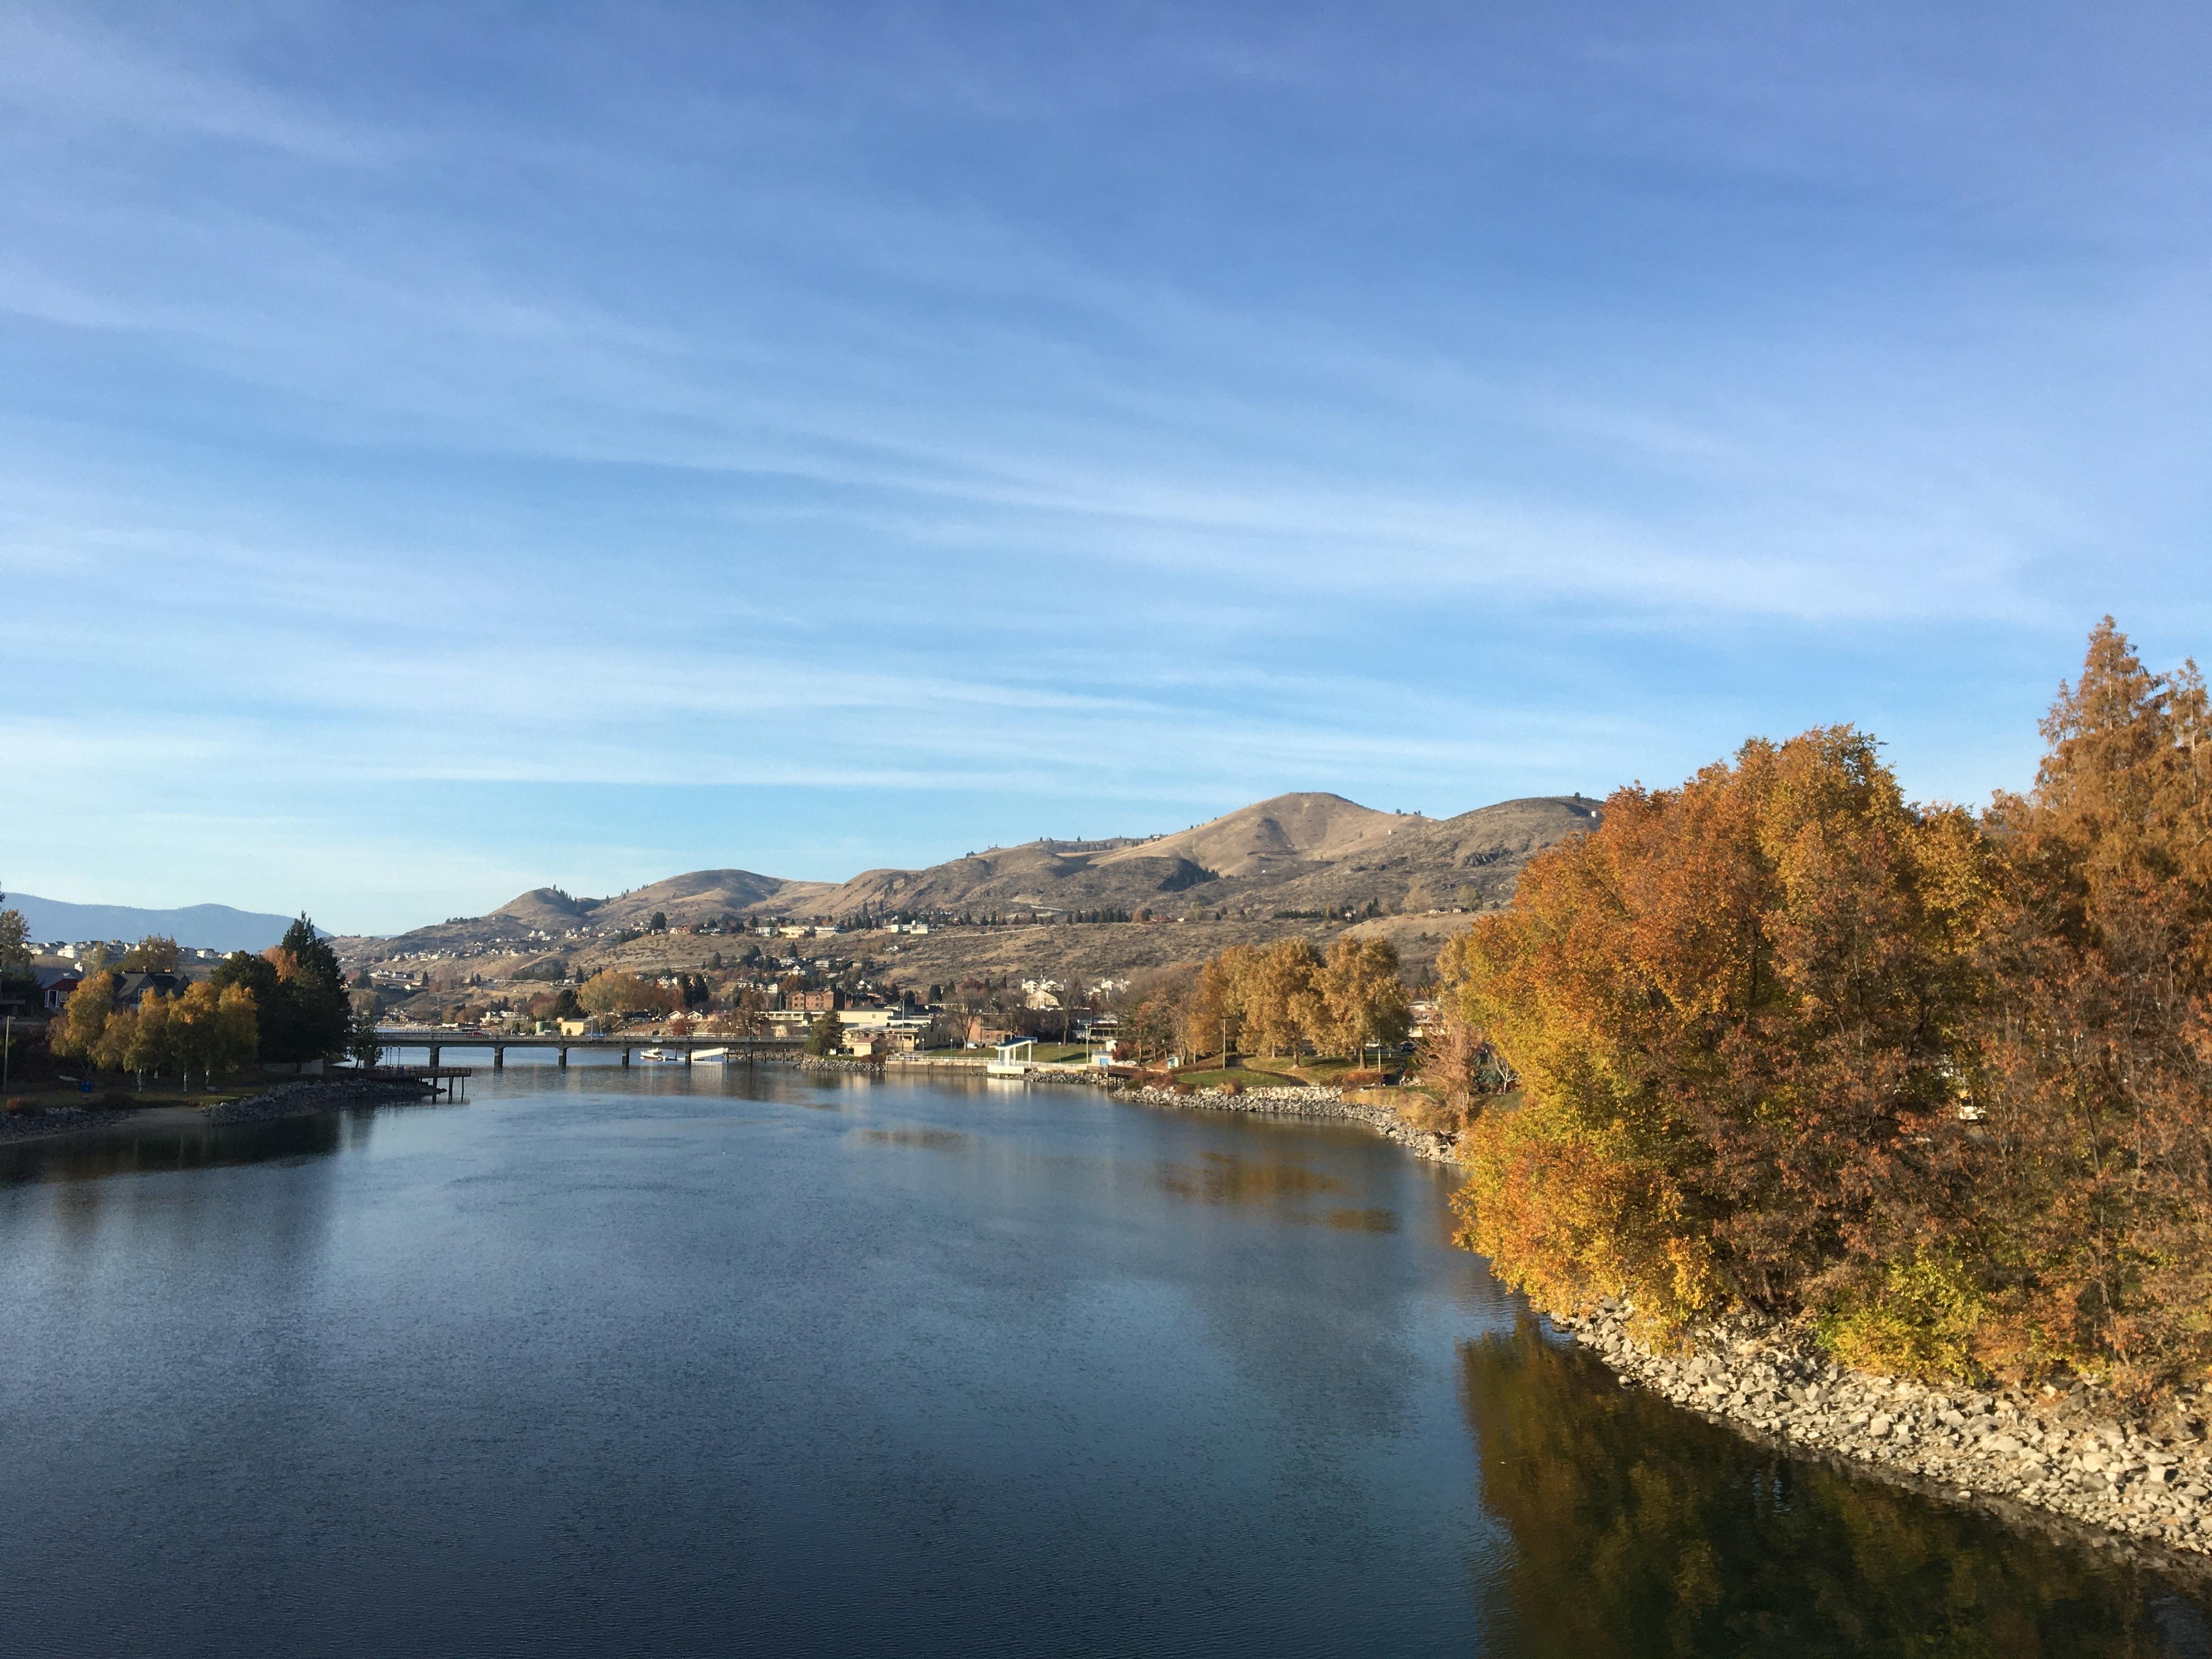 Chelan river